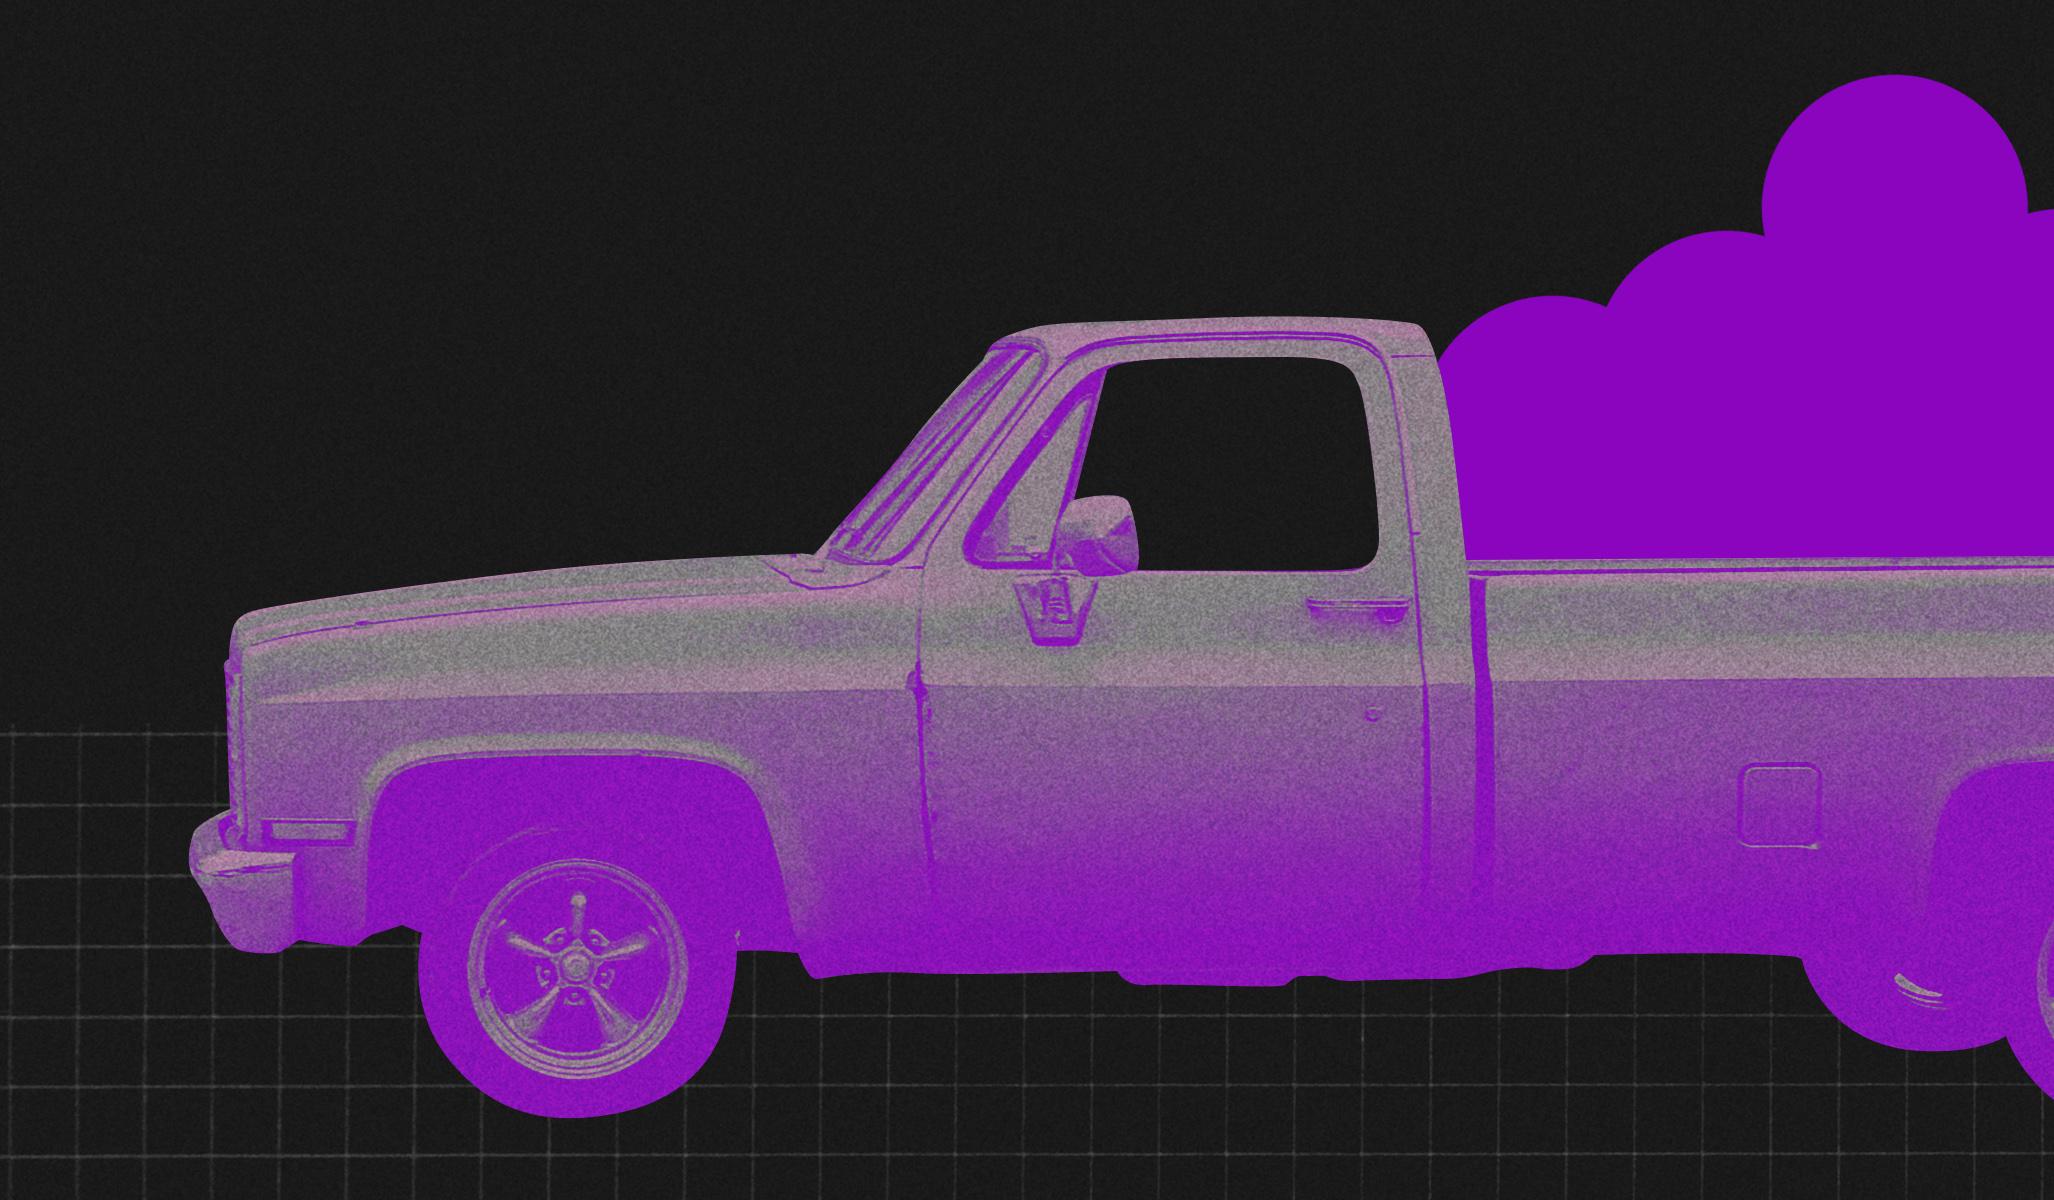 Consumismo: caminhonete roxa carregando várias bolas roxas em um fundo preto